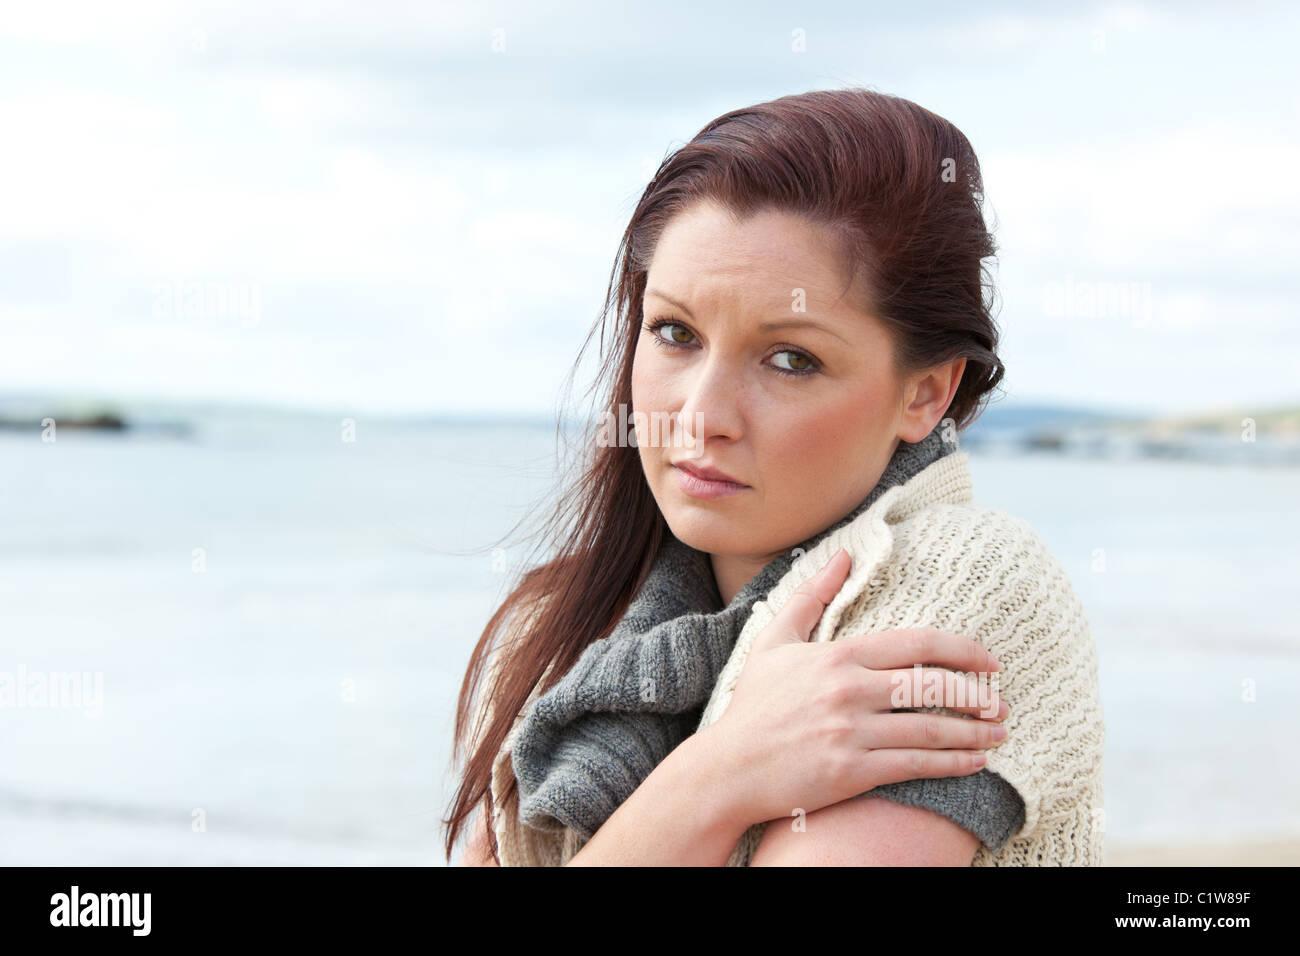 Abbattuto donna che indossa un cappello e sciarpa sulla spiaggia Immagini Stock